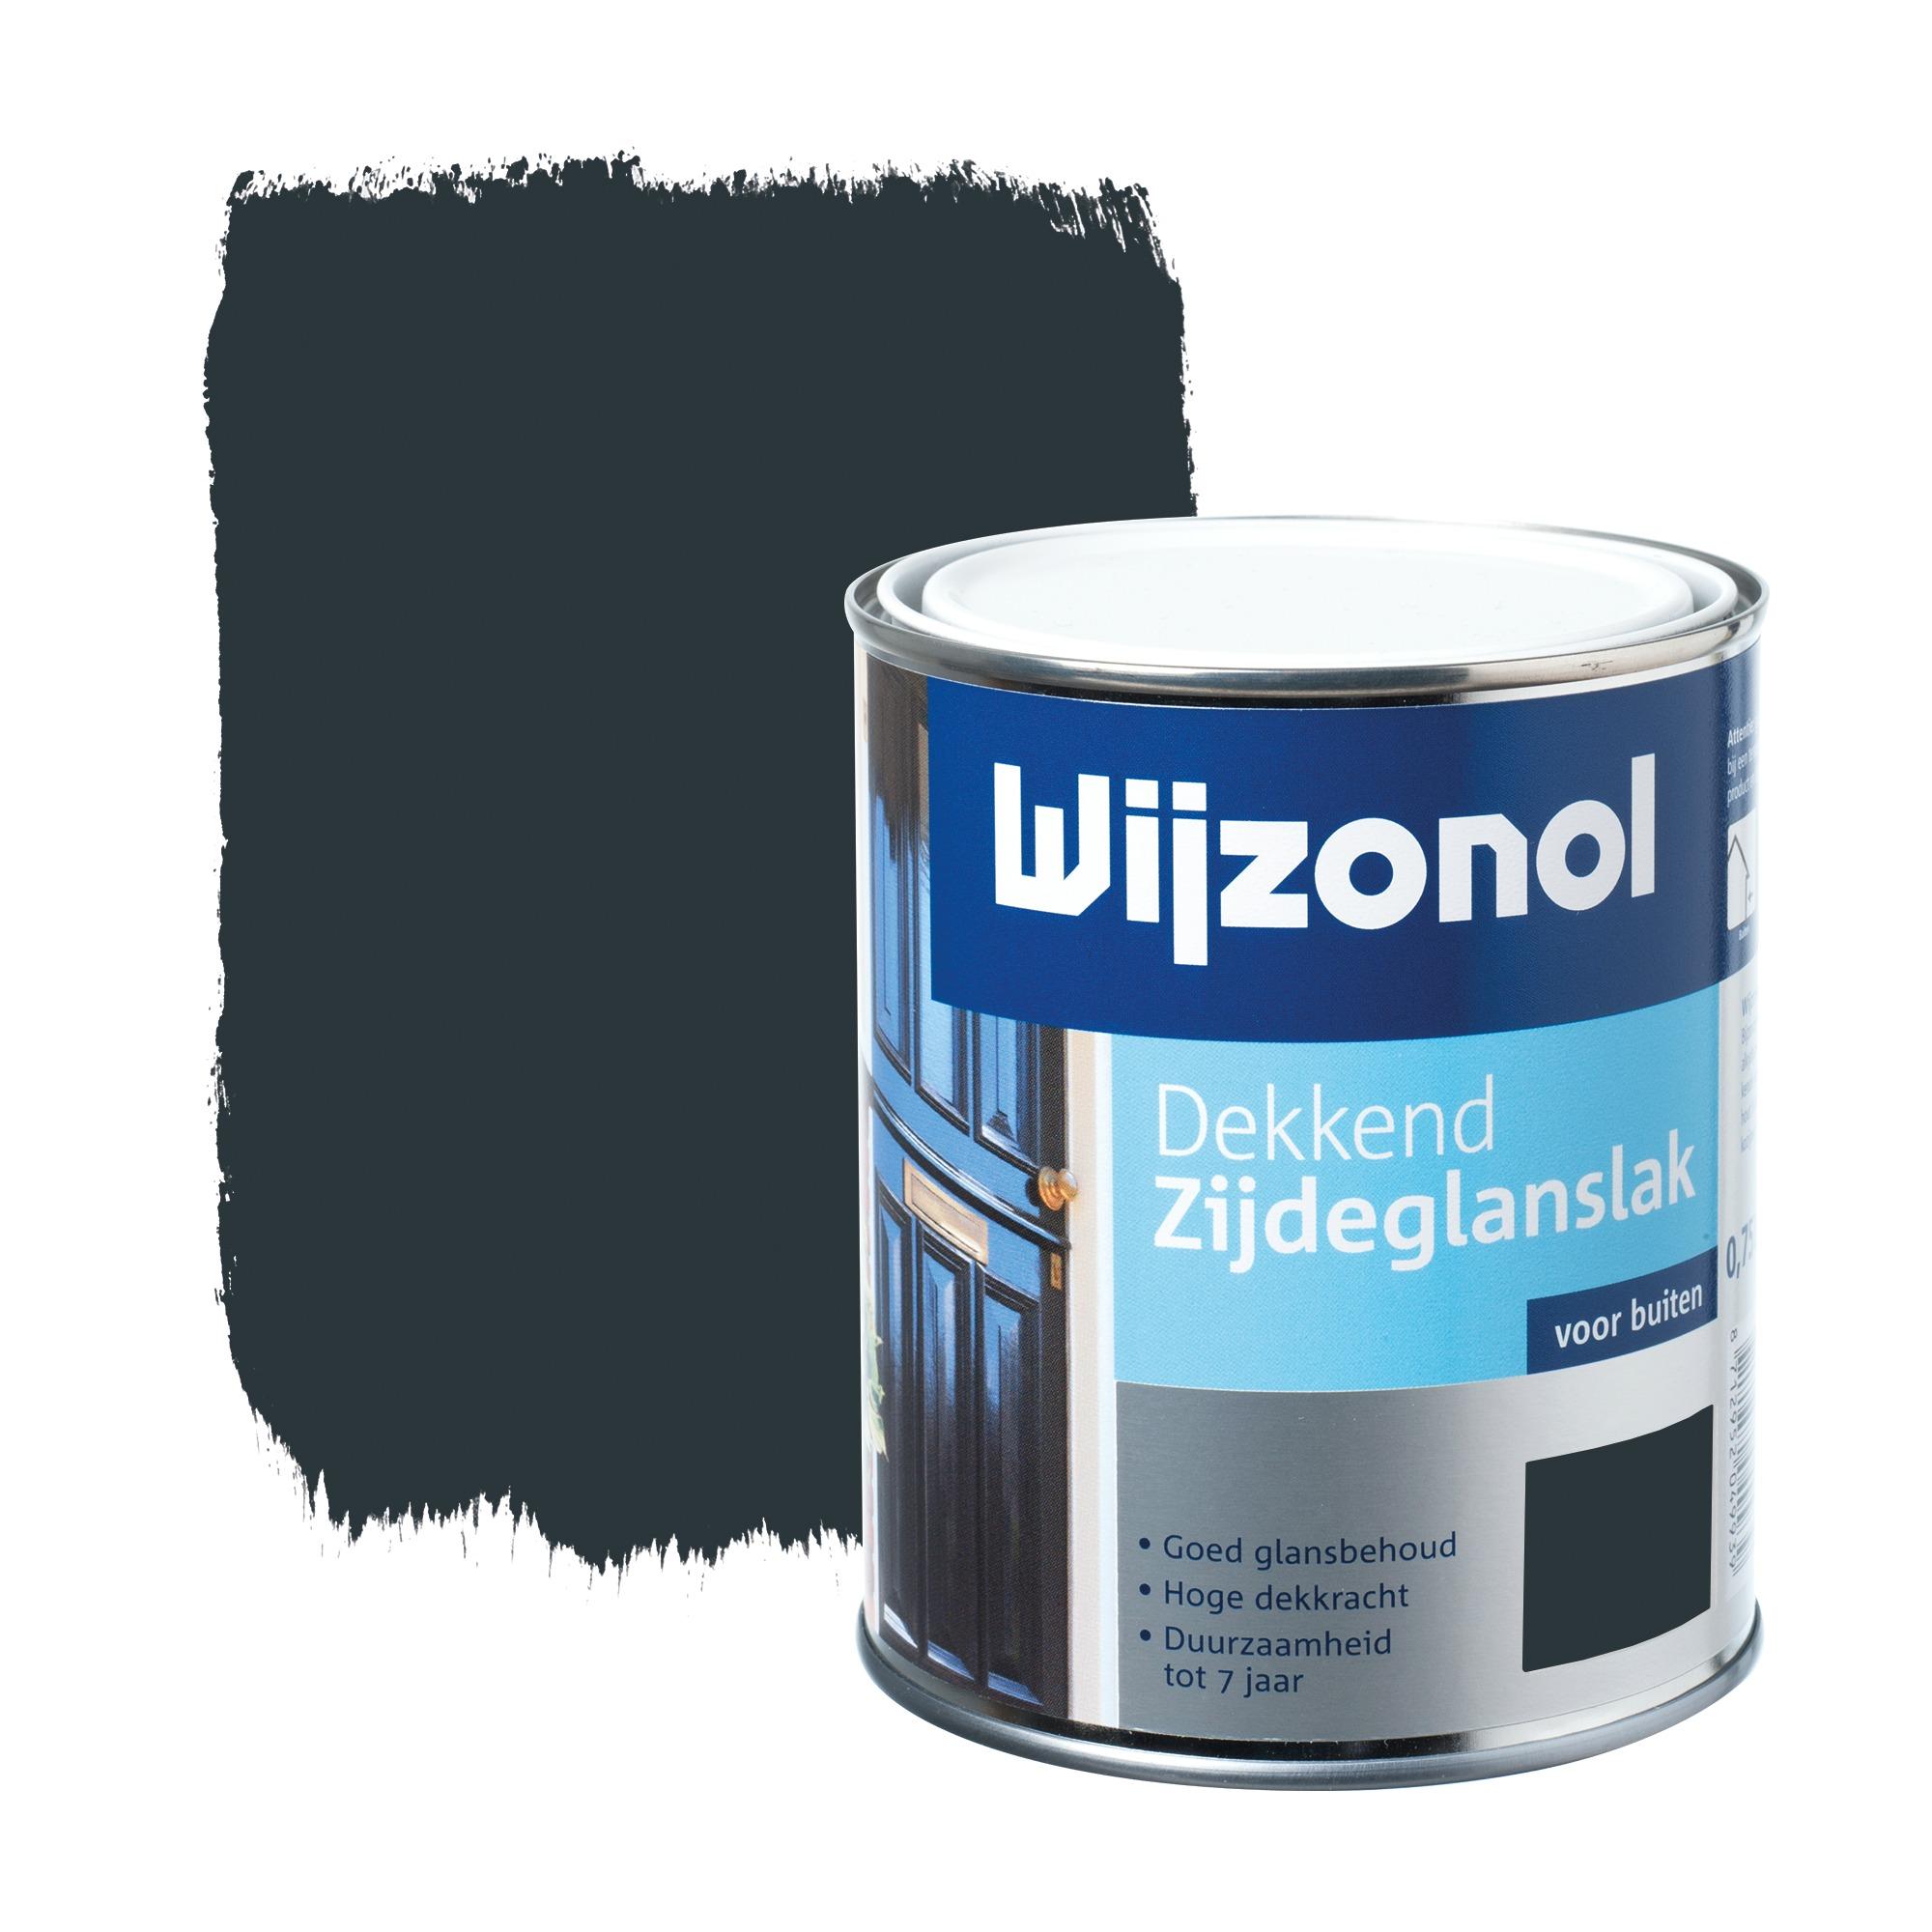 Wijzonol rm buitenverf zijdeglans dekkend alkyd koningsblauw 9226 750 ml